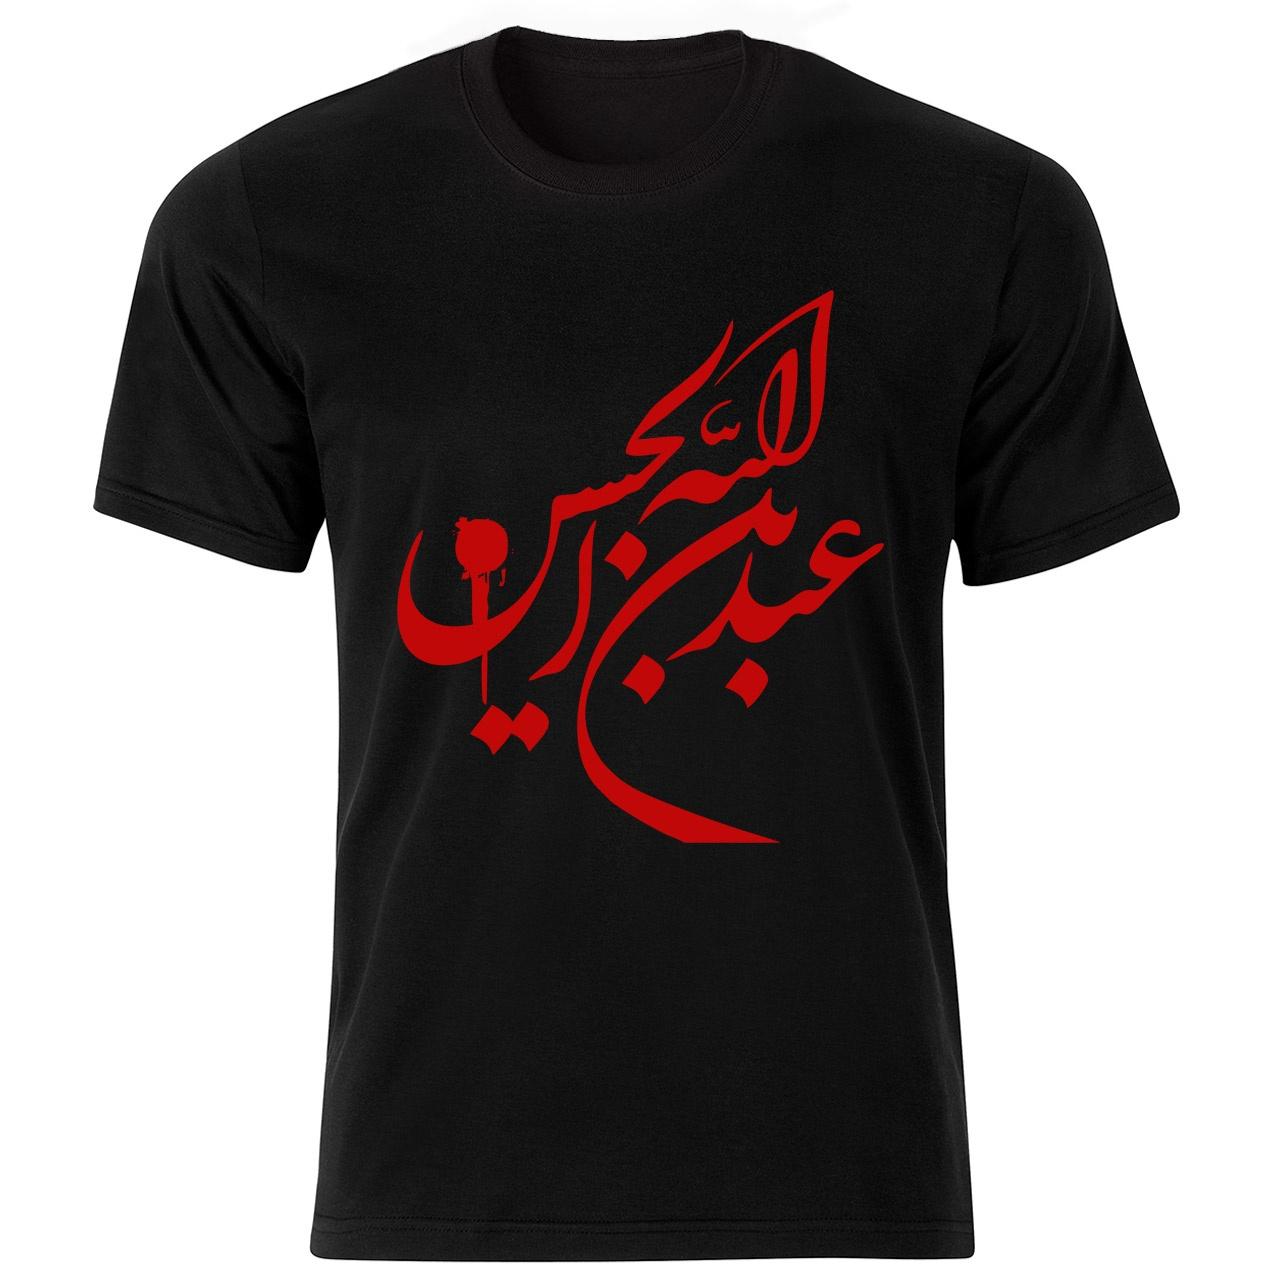 تی شرت مردانه نوین نقش طرح محرم کدBR11008